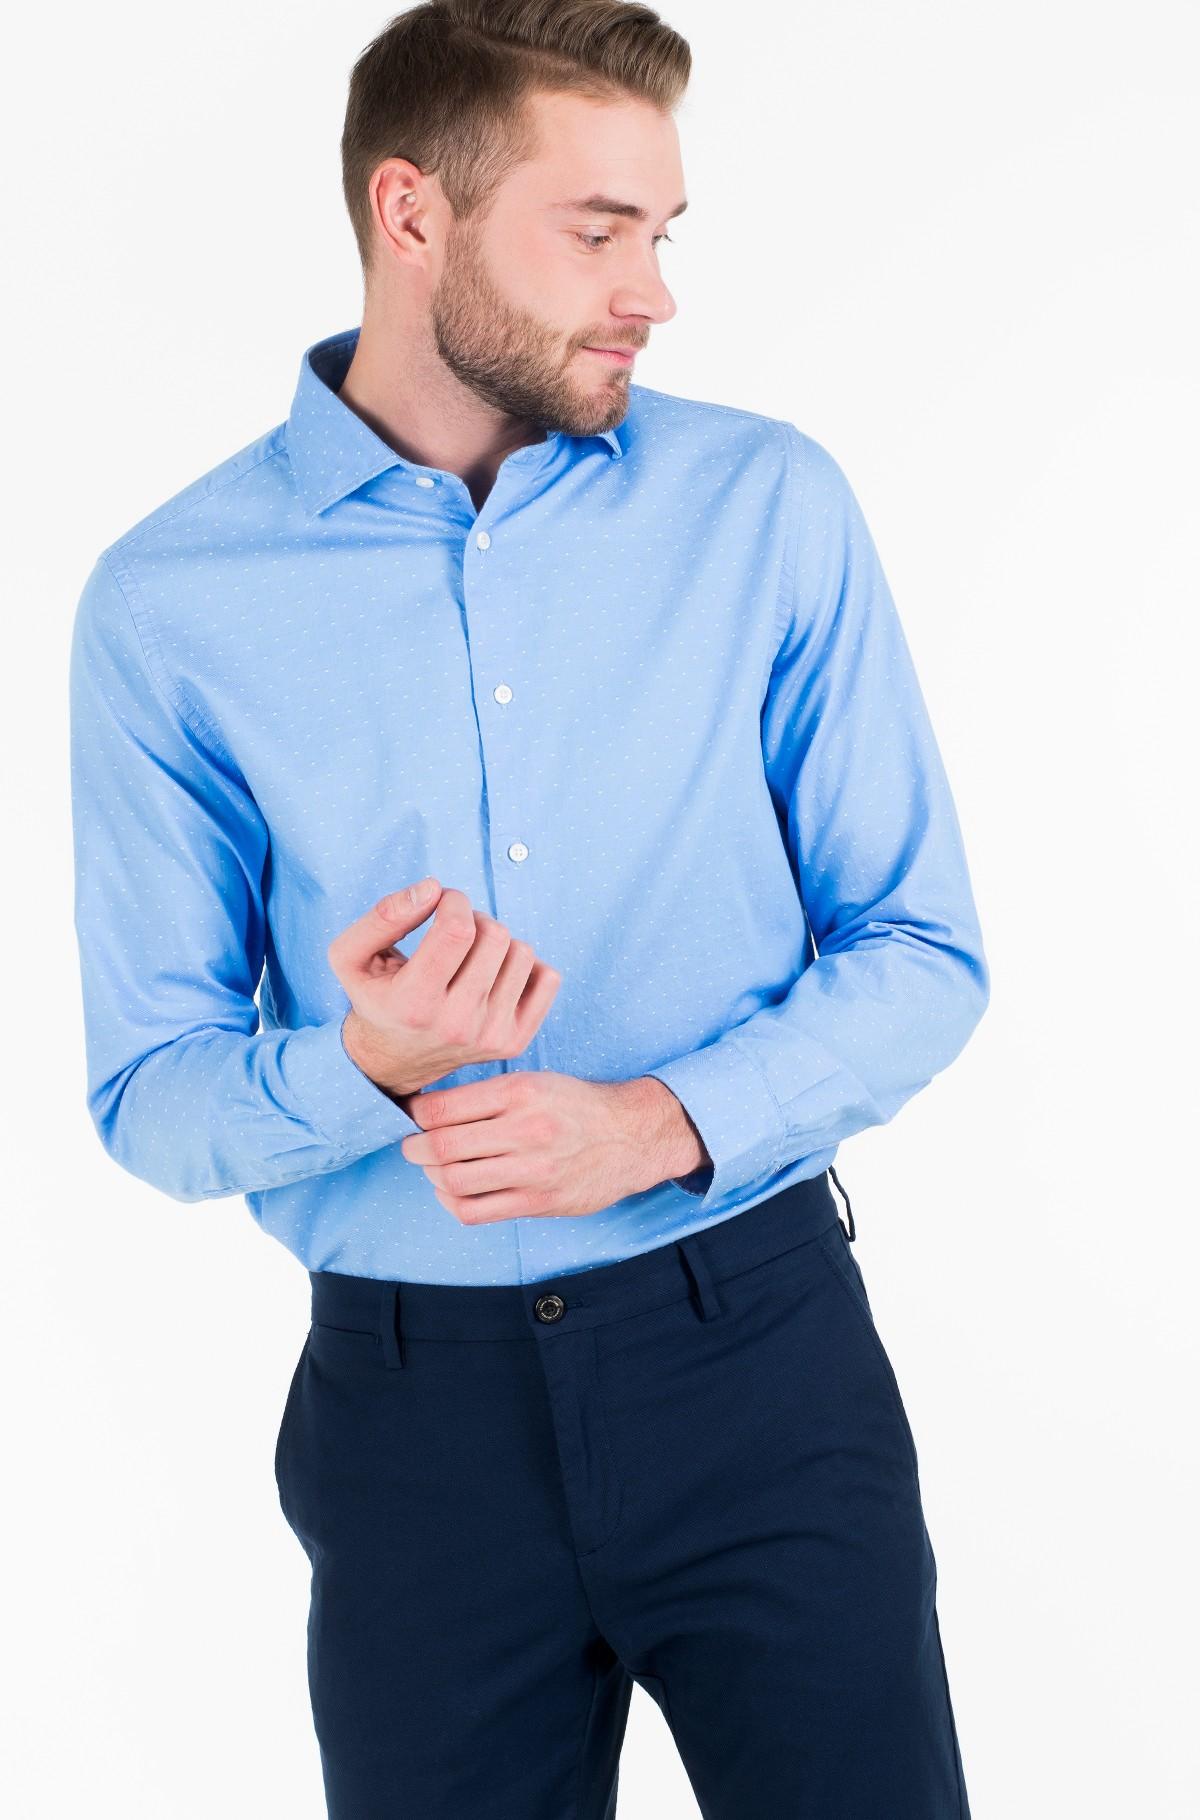 Marškiniai TWO TONE DOBBY SHIRT-full-1